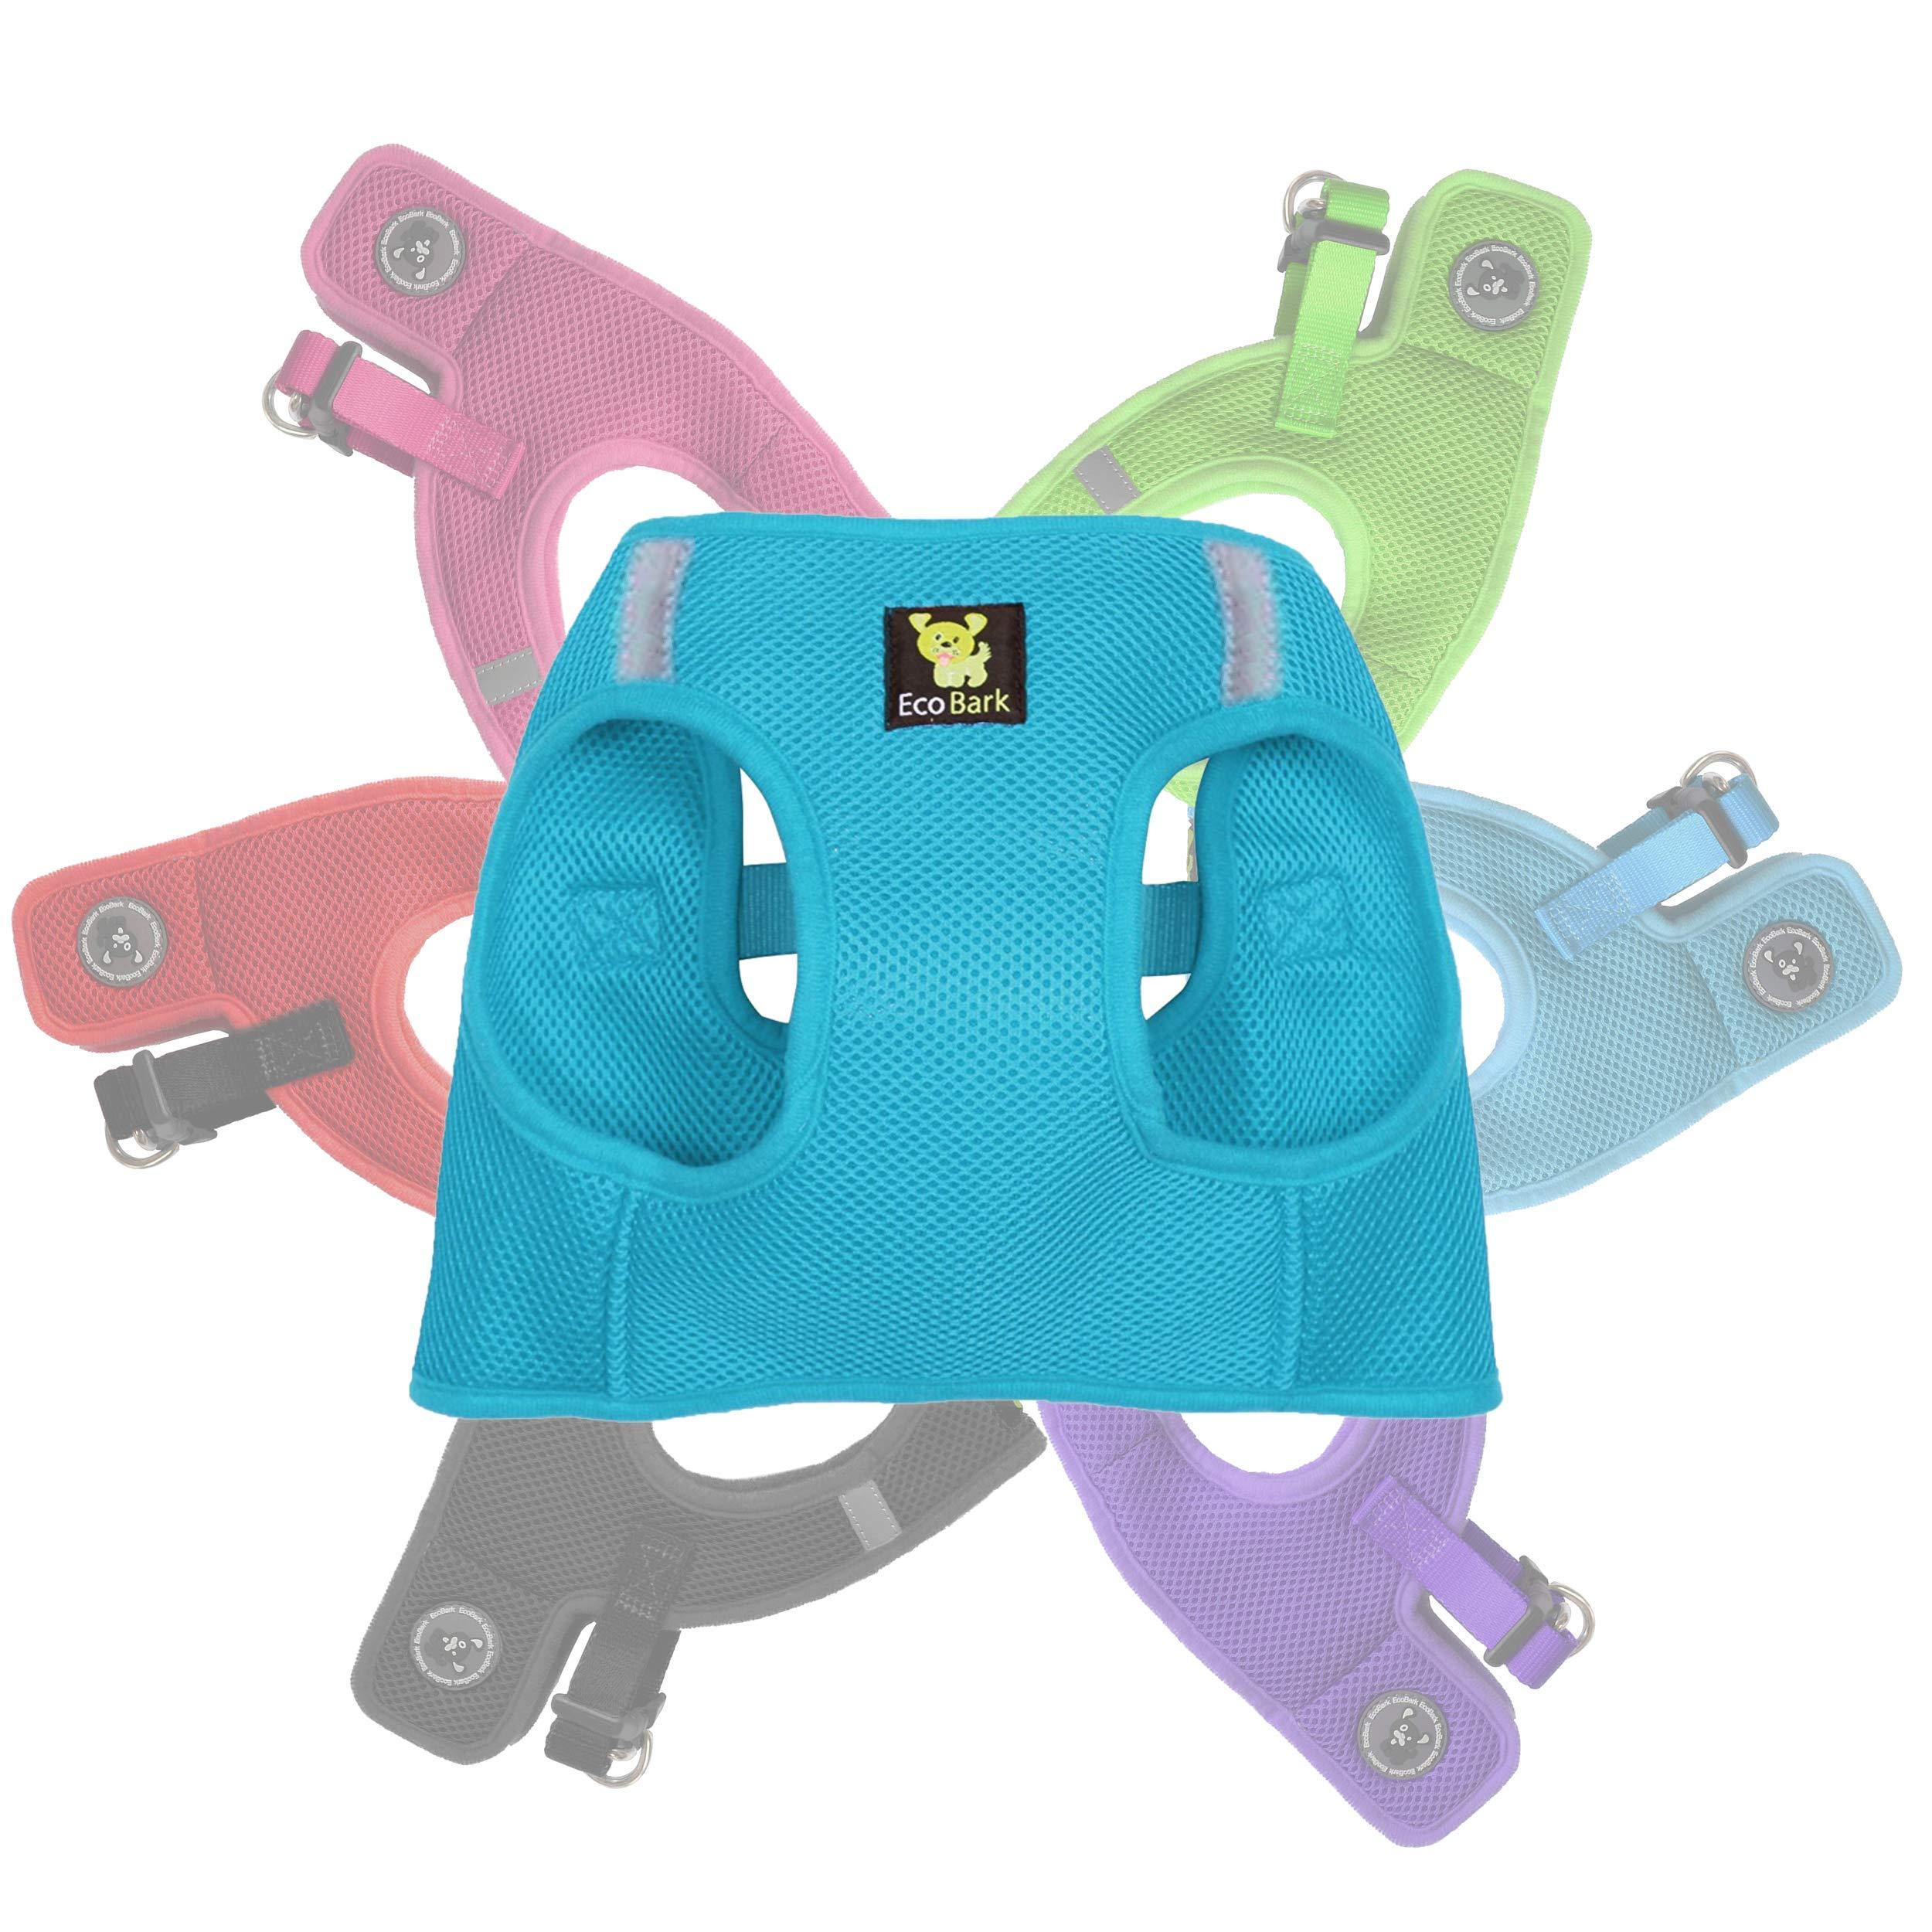 EcoBark Fastener Comfort Adjustable Harness